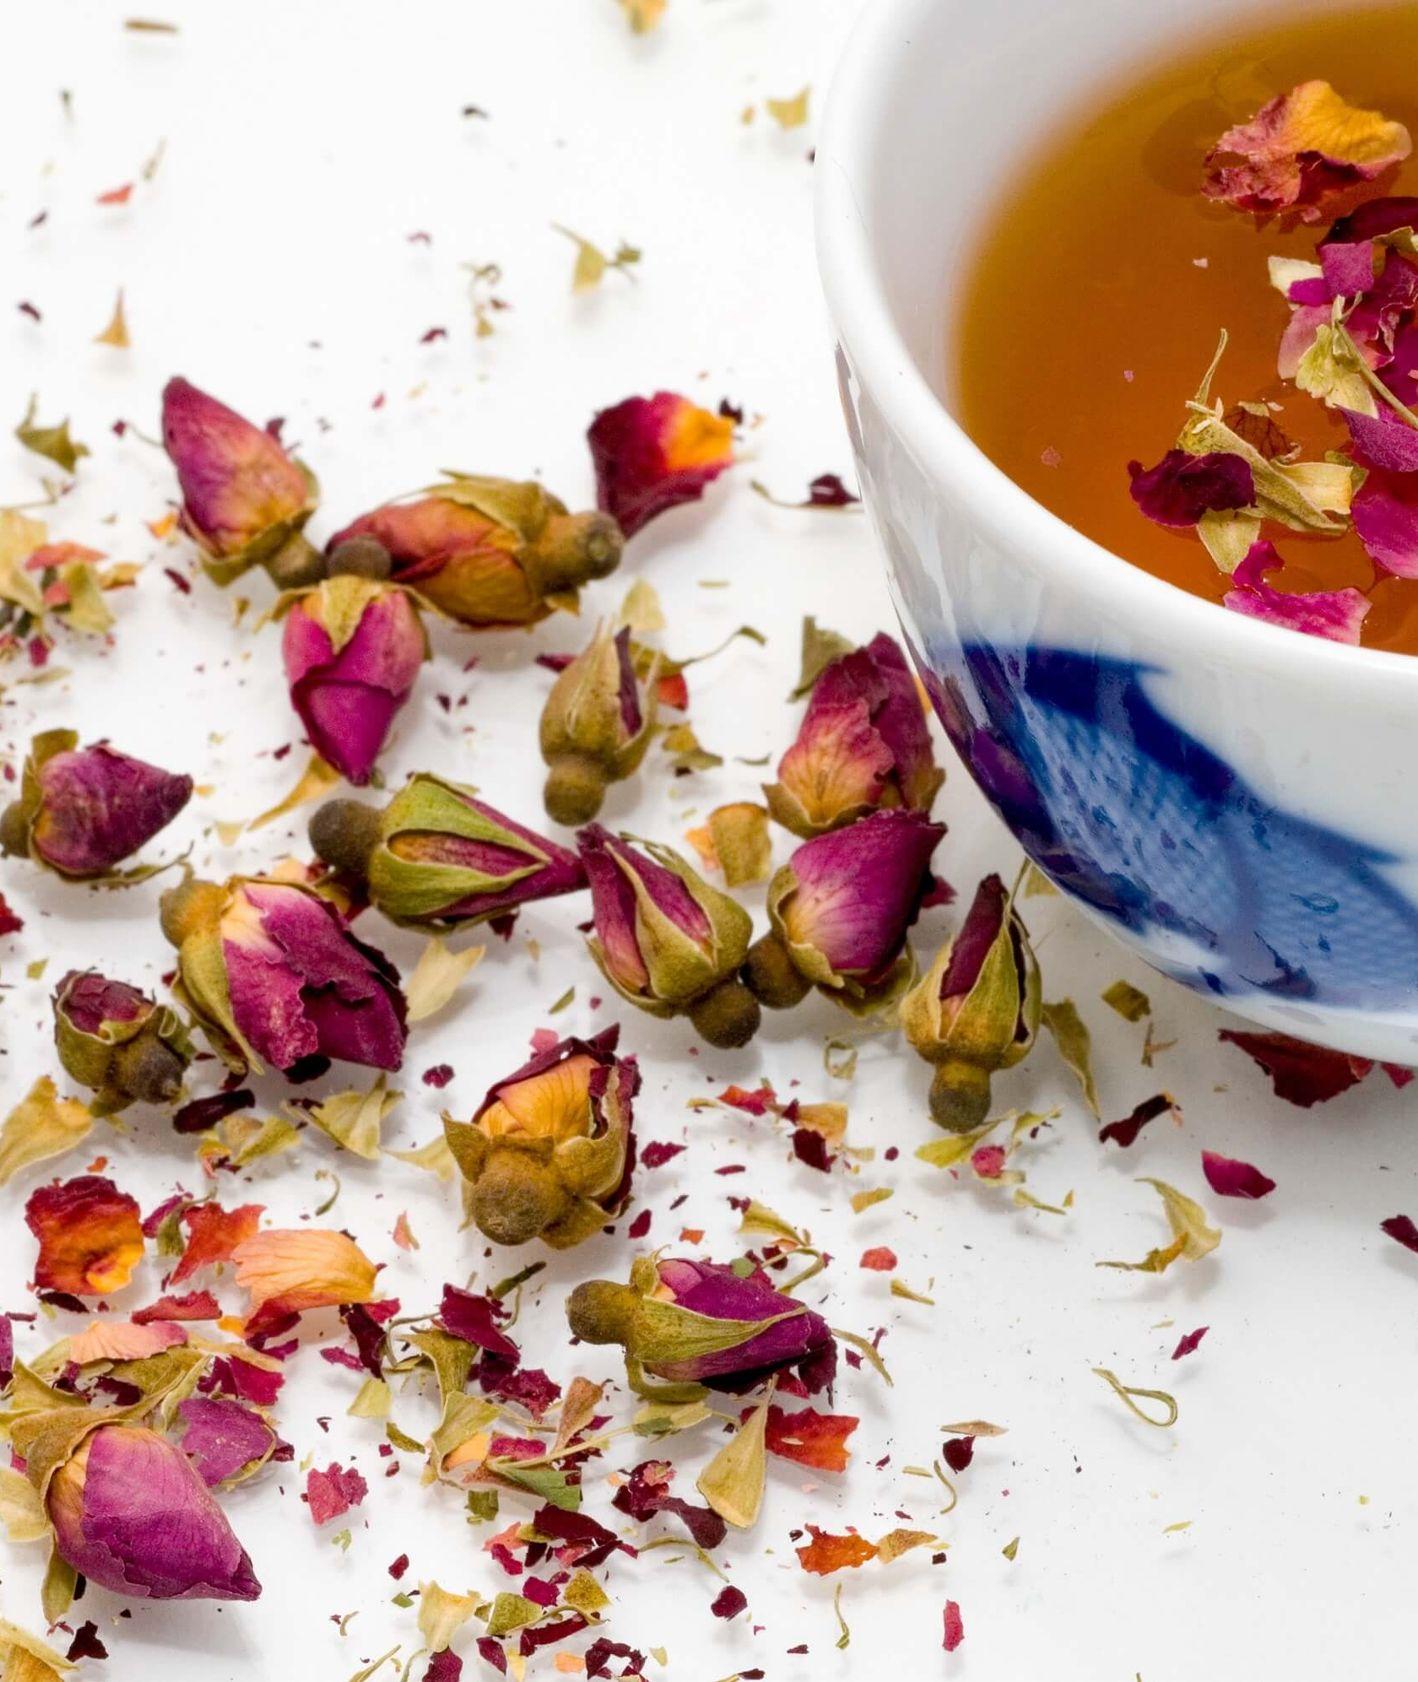 Napary z ziół wspomagają odchudzanie, poprawiają cerę i korzystnie wpływają na nasze samopoczucie (fot. Marco Secchi / unsplash.com)